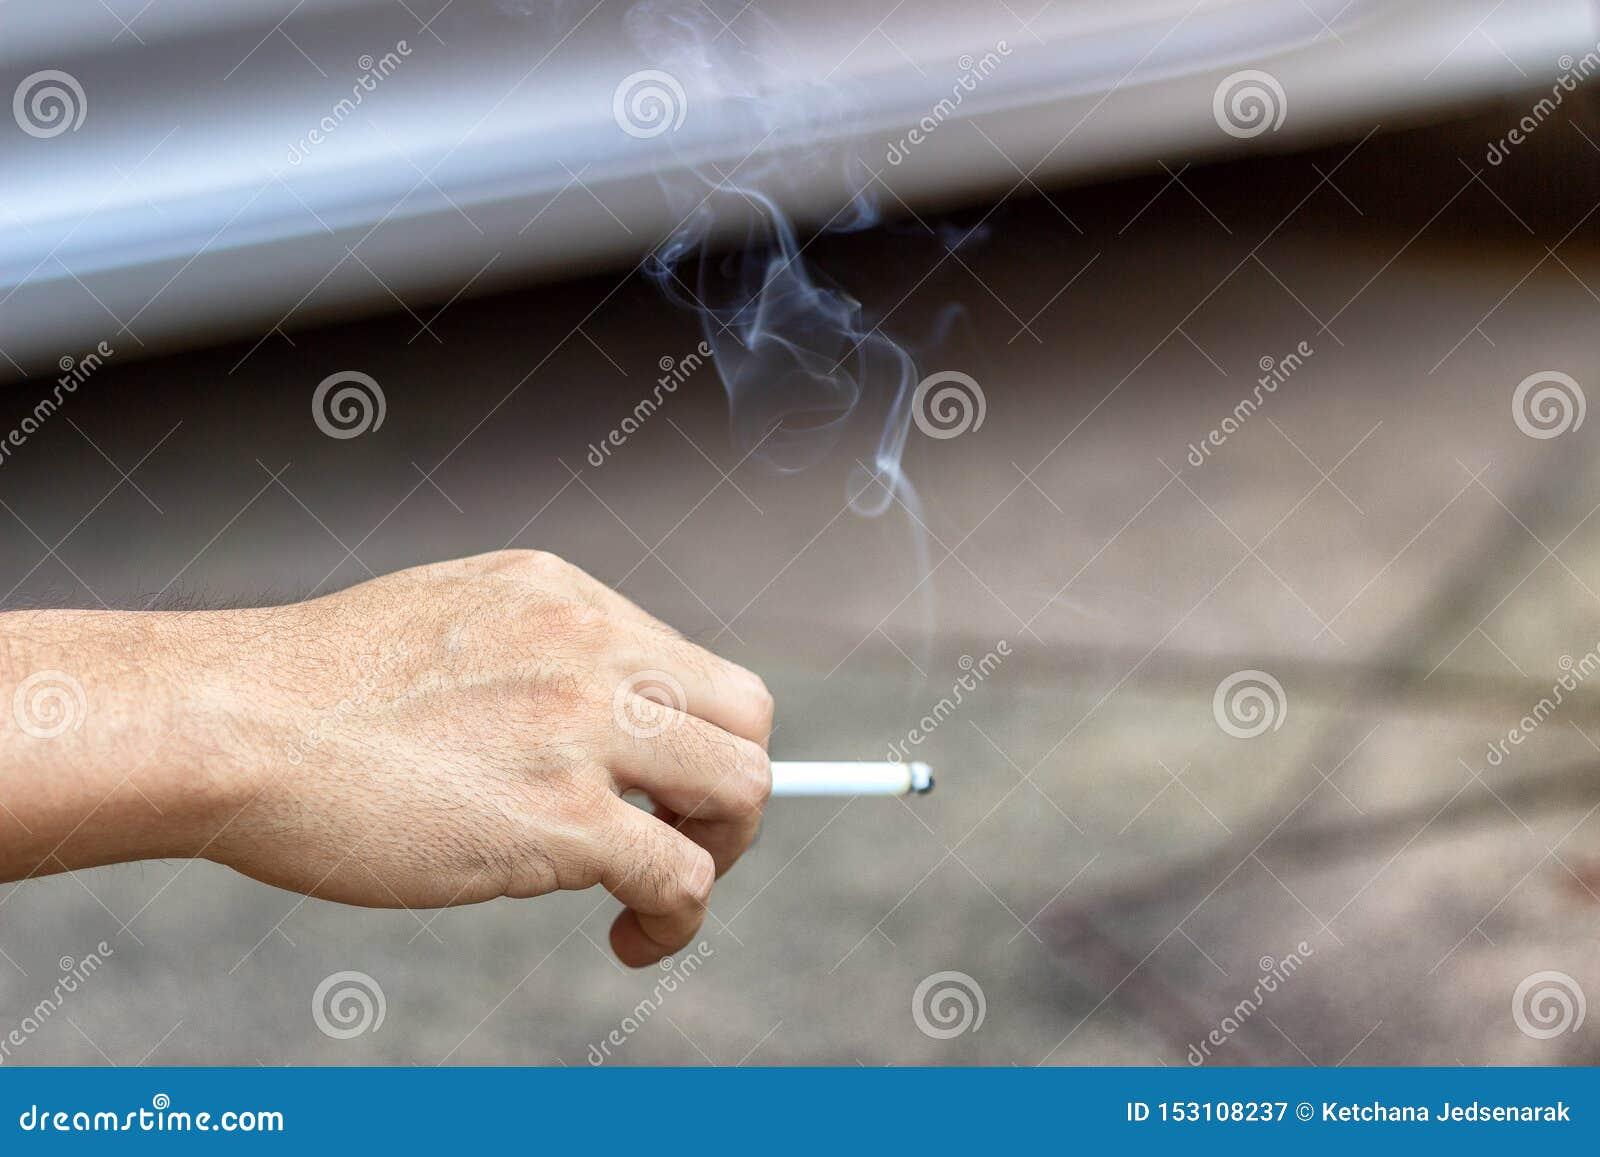 抽烟的停止的概念用男性手运载烟香烟药物,对人是有害的和